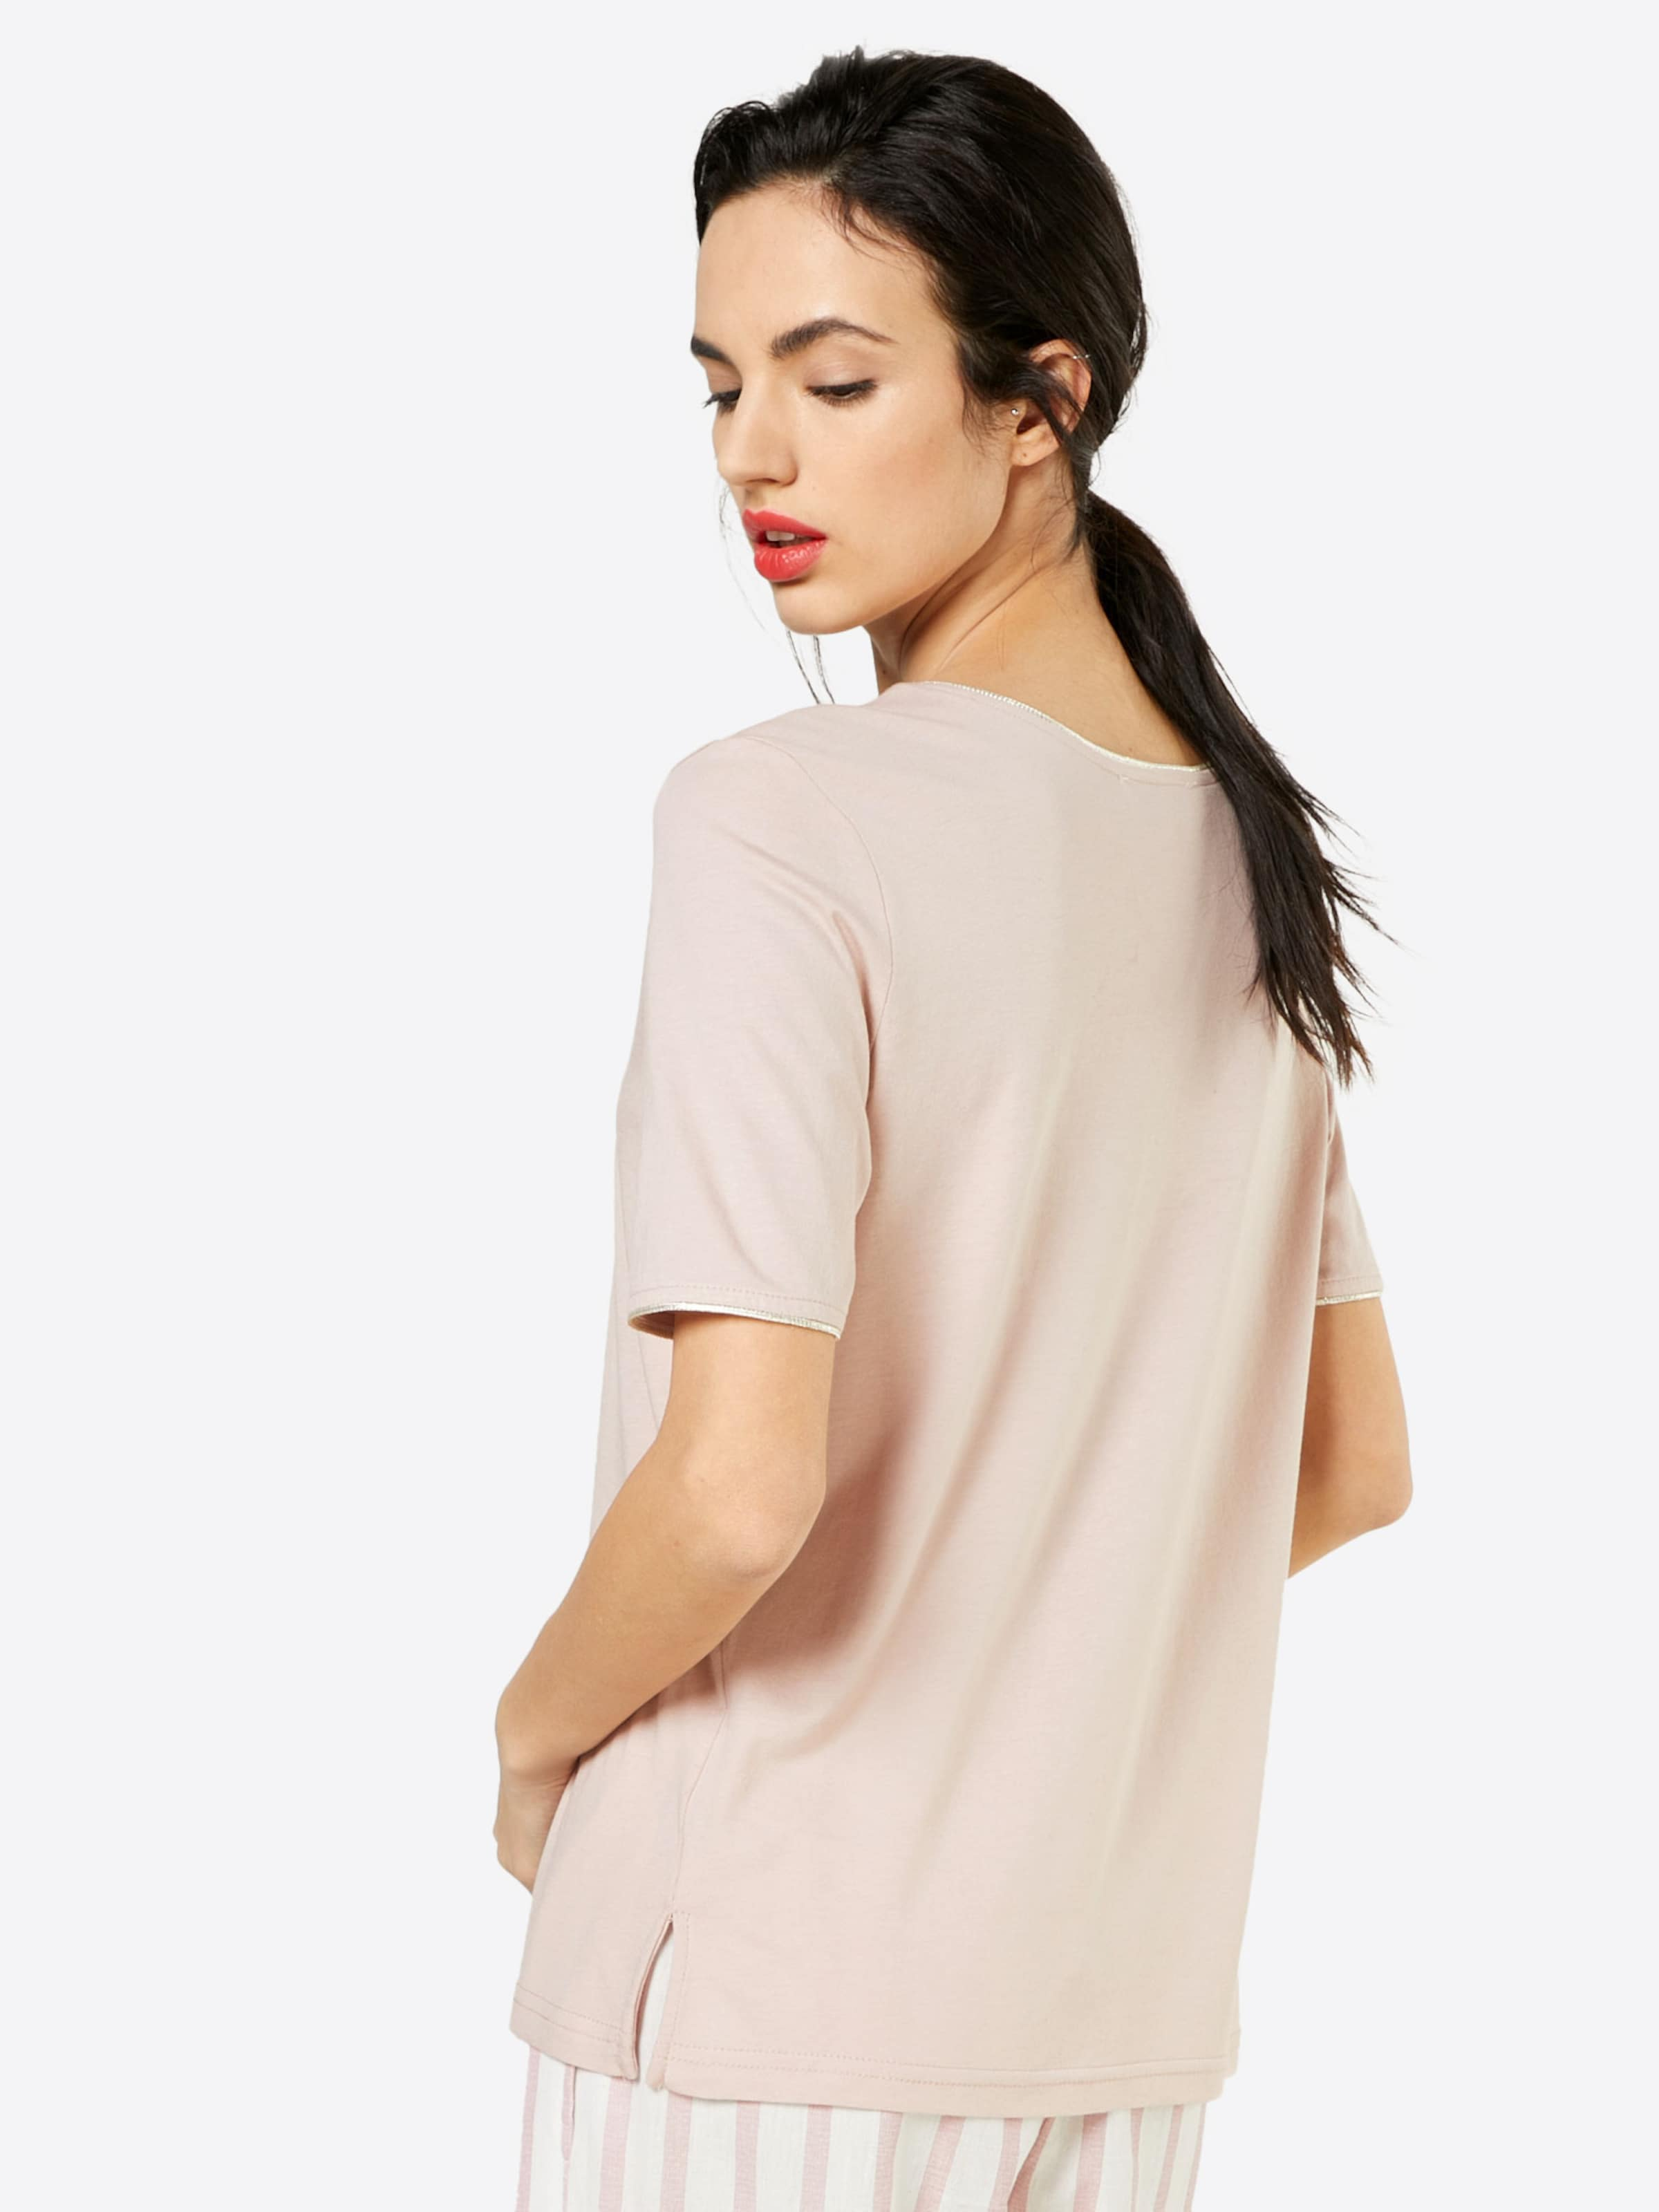 Freie Versandpreise Fabrikverkauf Günstiger Preis SELECTED FEMME Verspieltes Shirt Online Zum Verkauf 4PEN4yi6yP